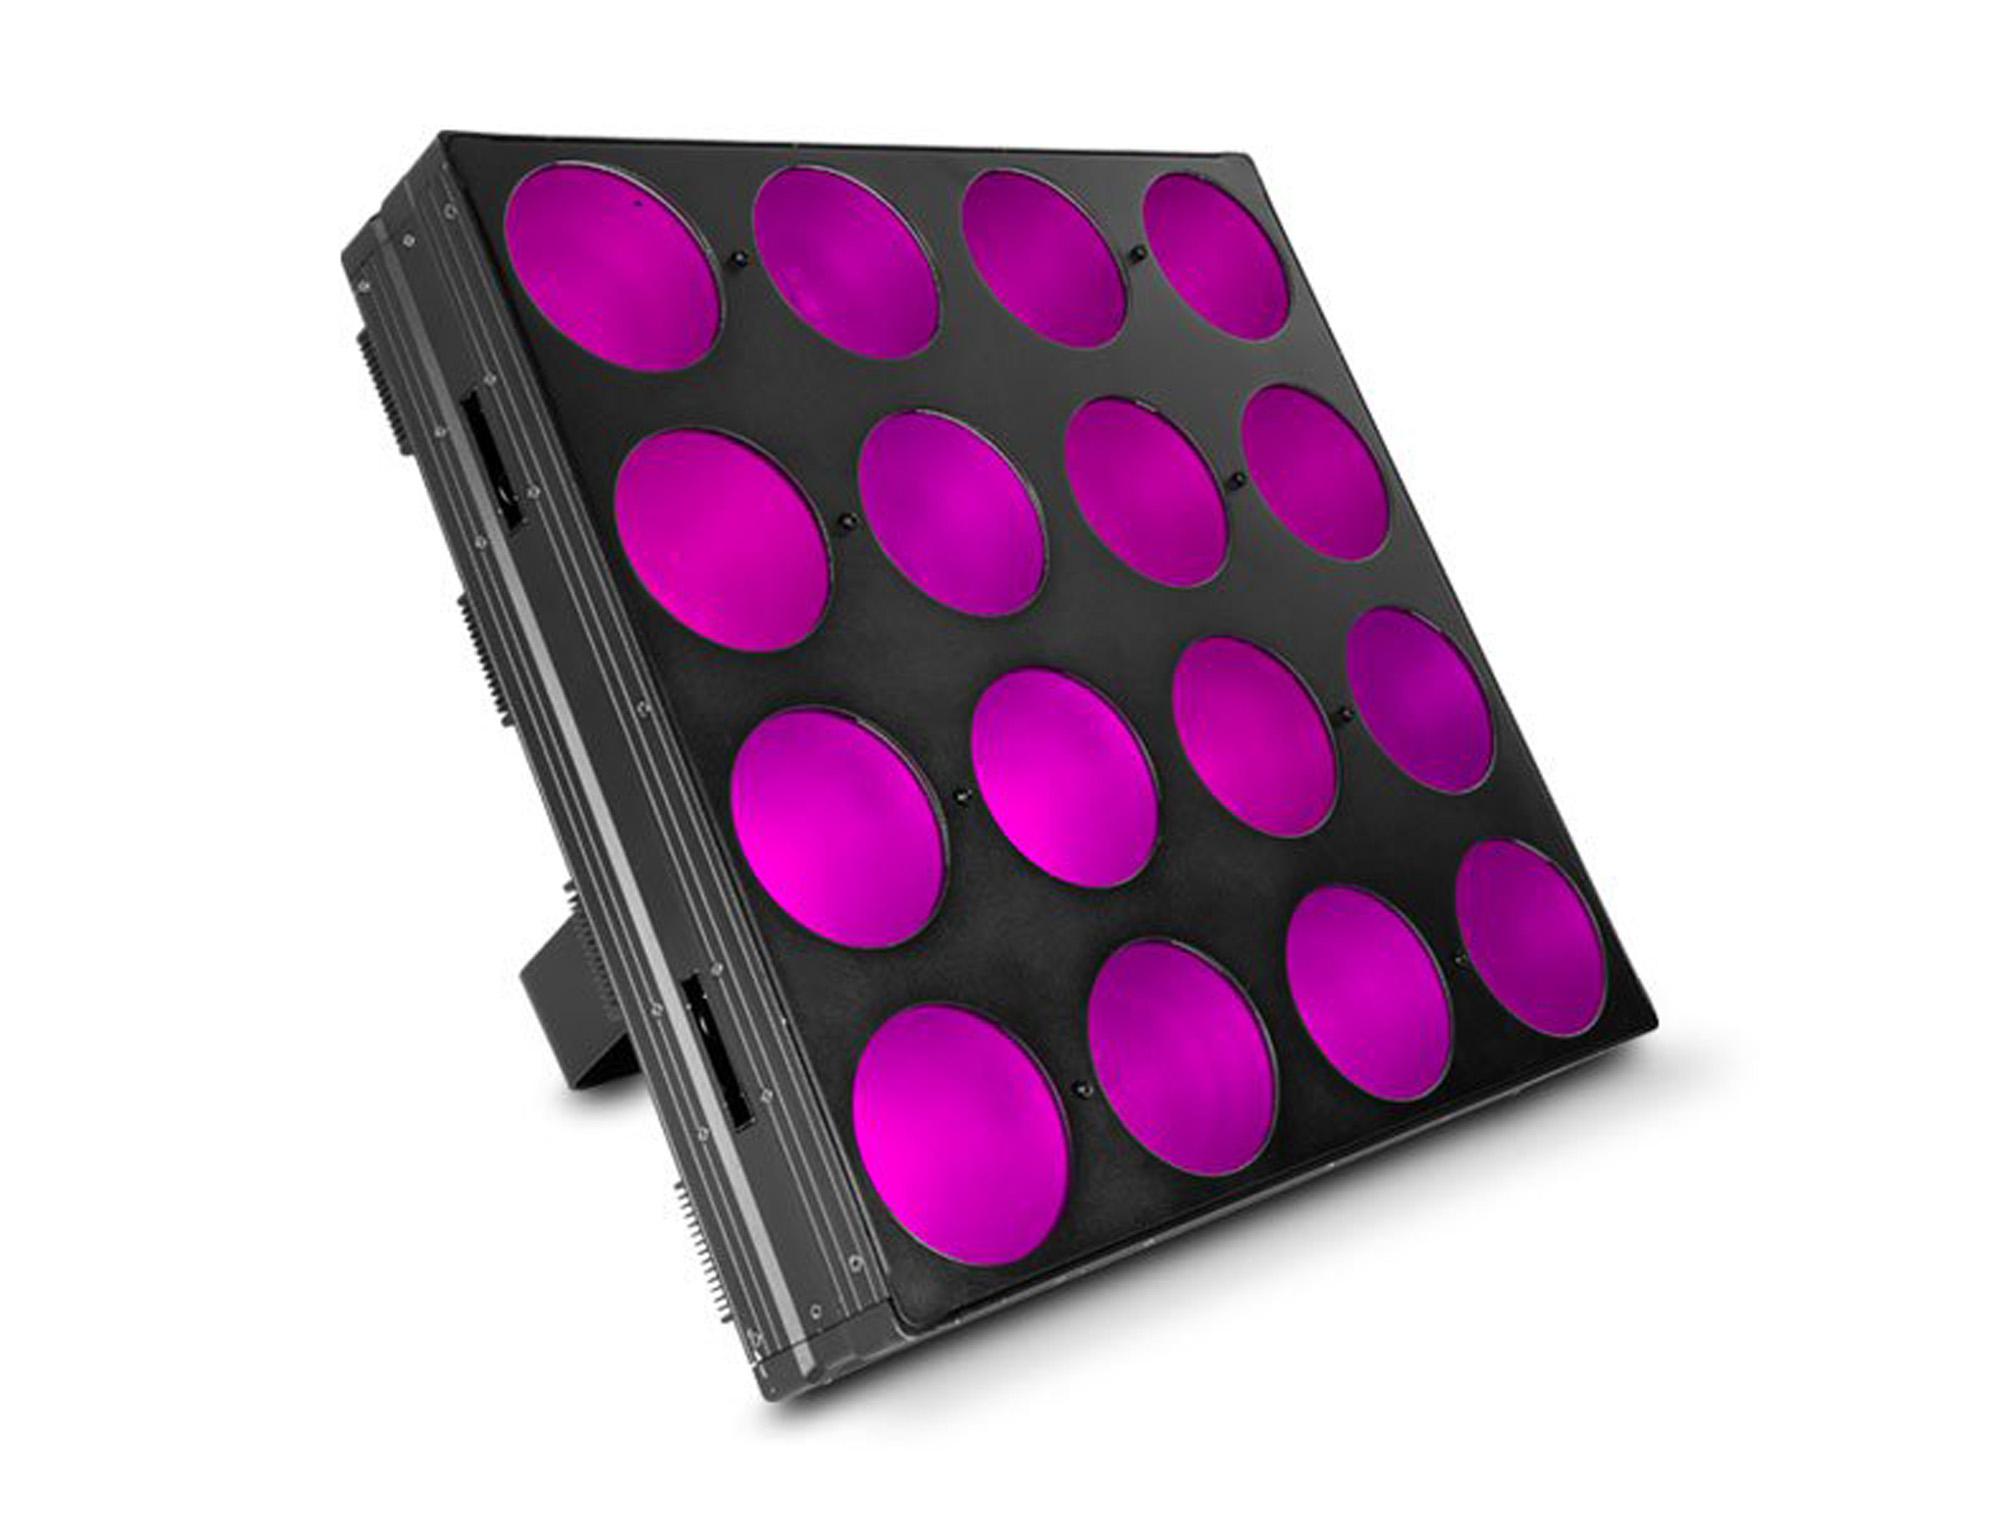 Creative LED